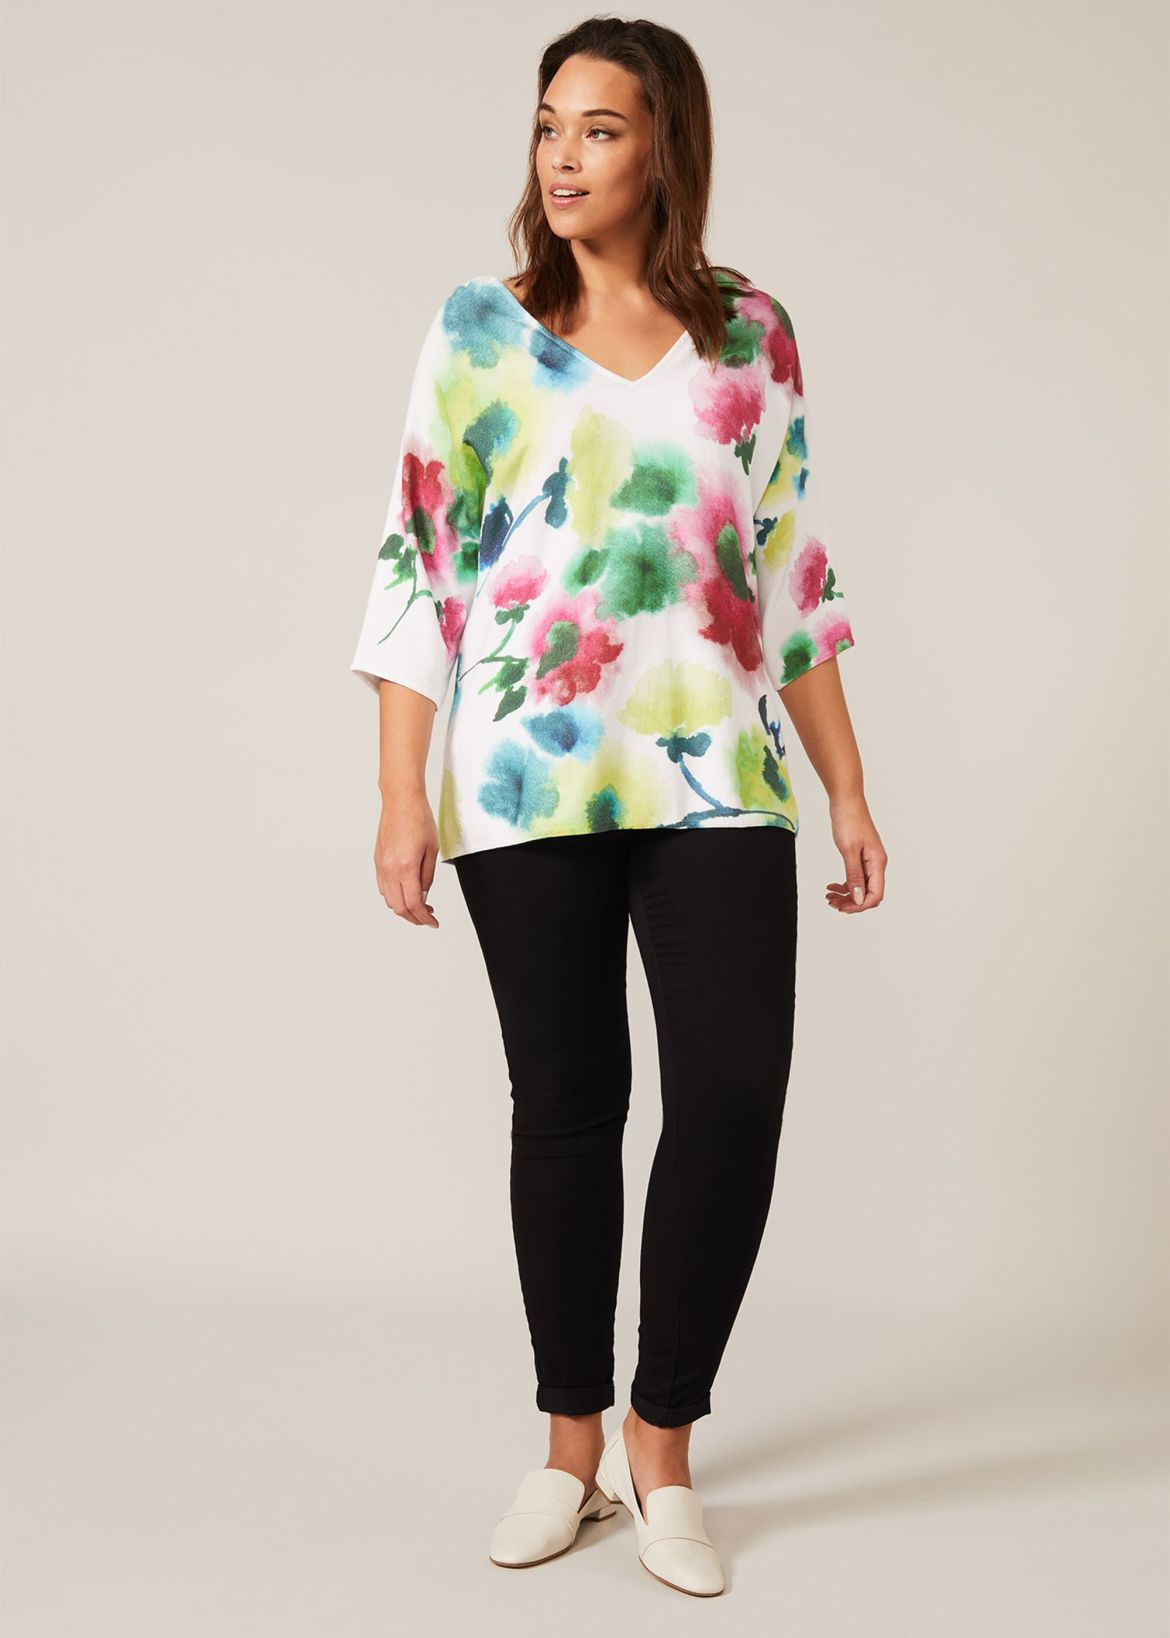 Taze Floral Knit Top